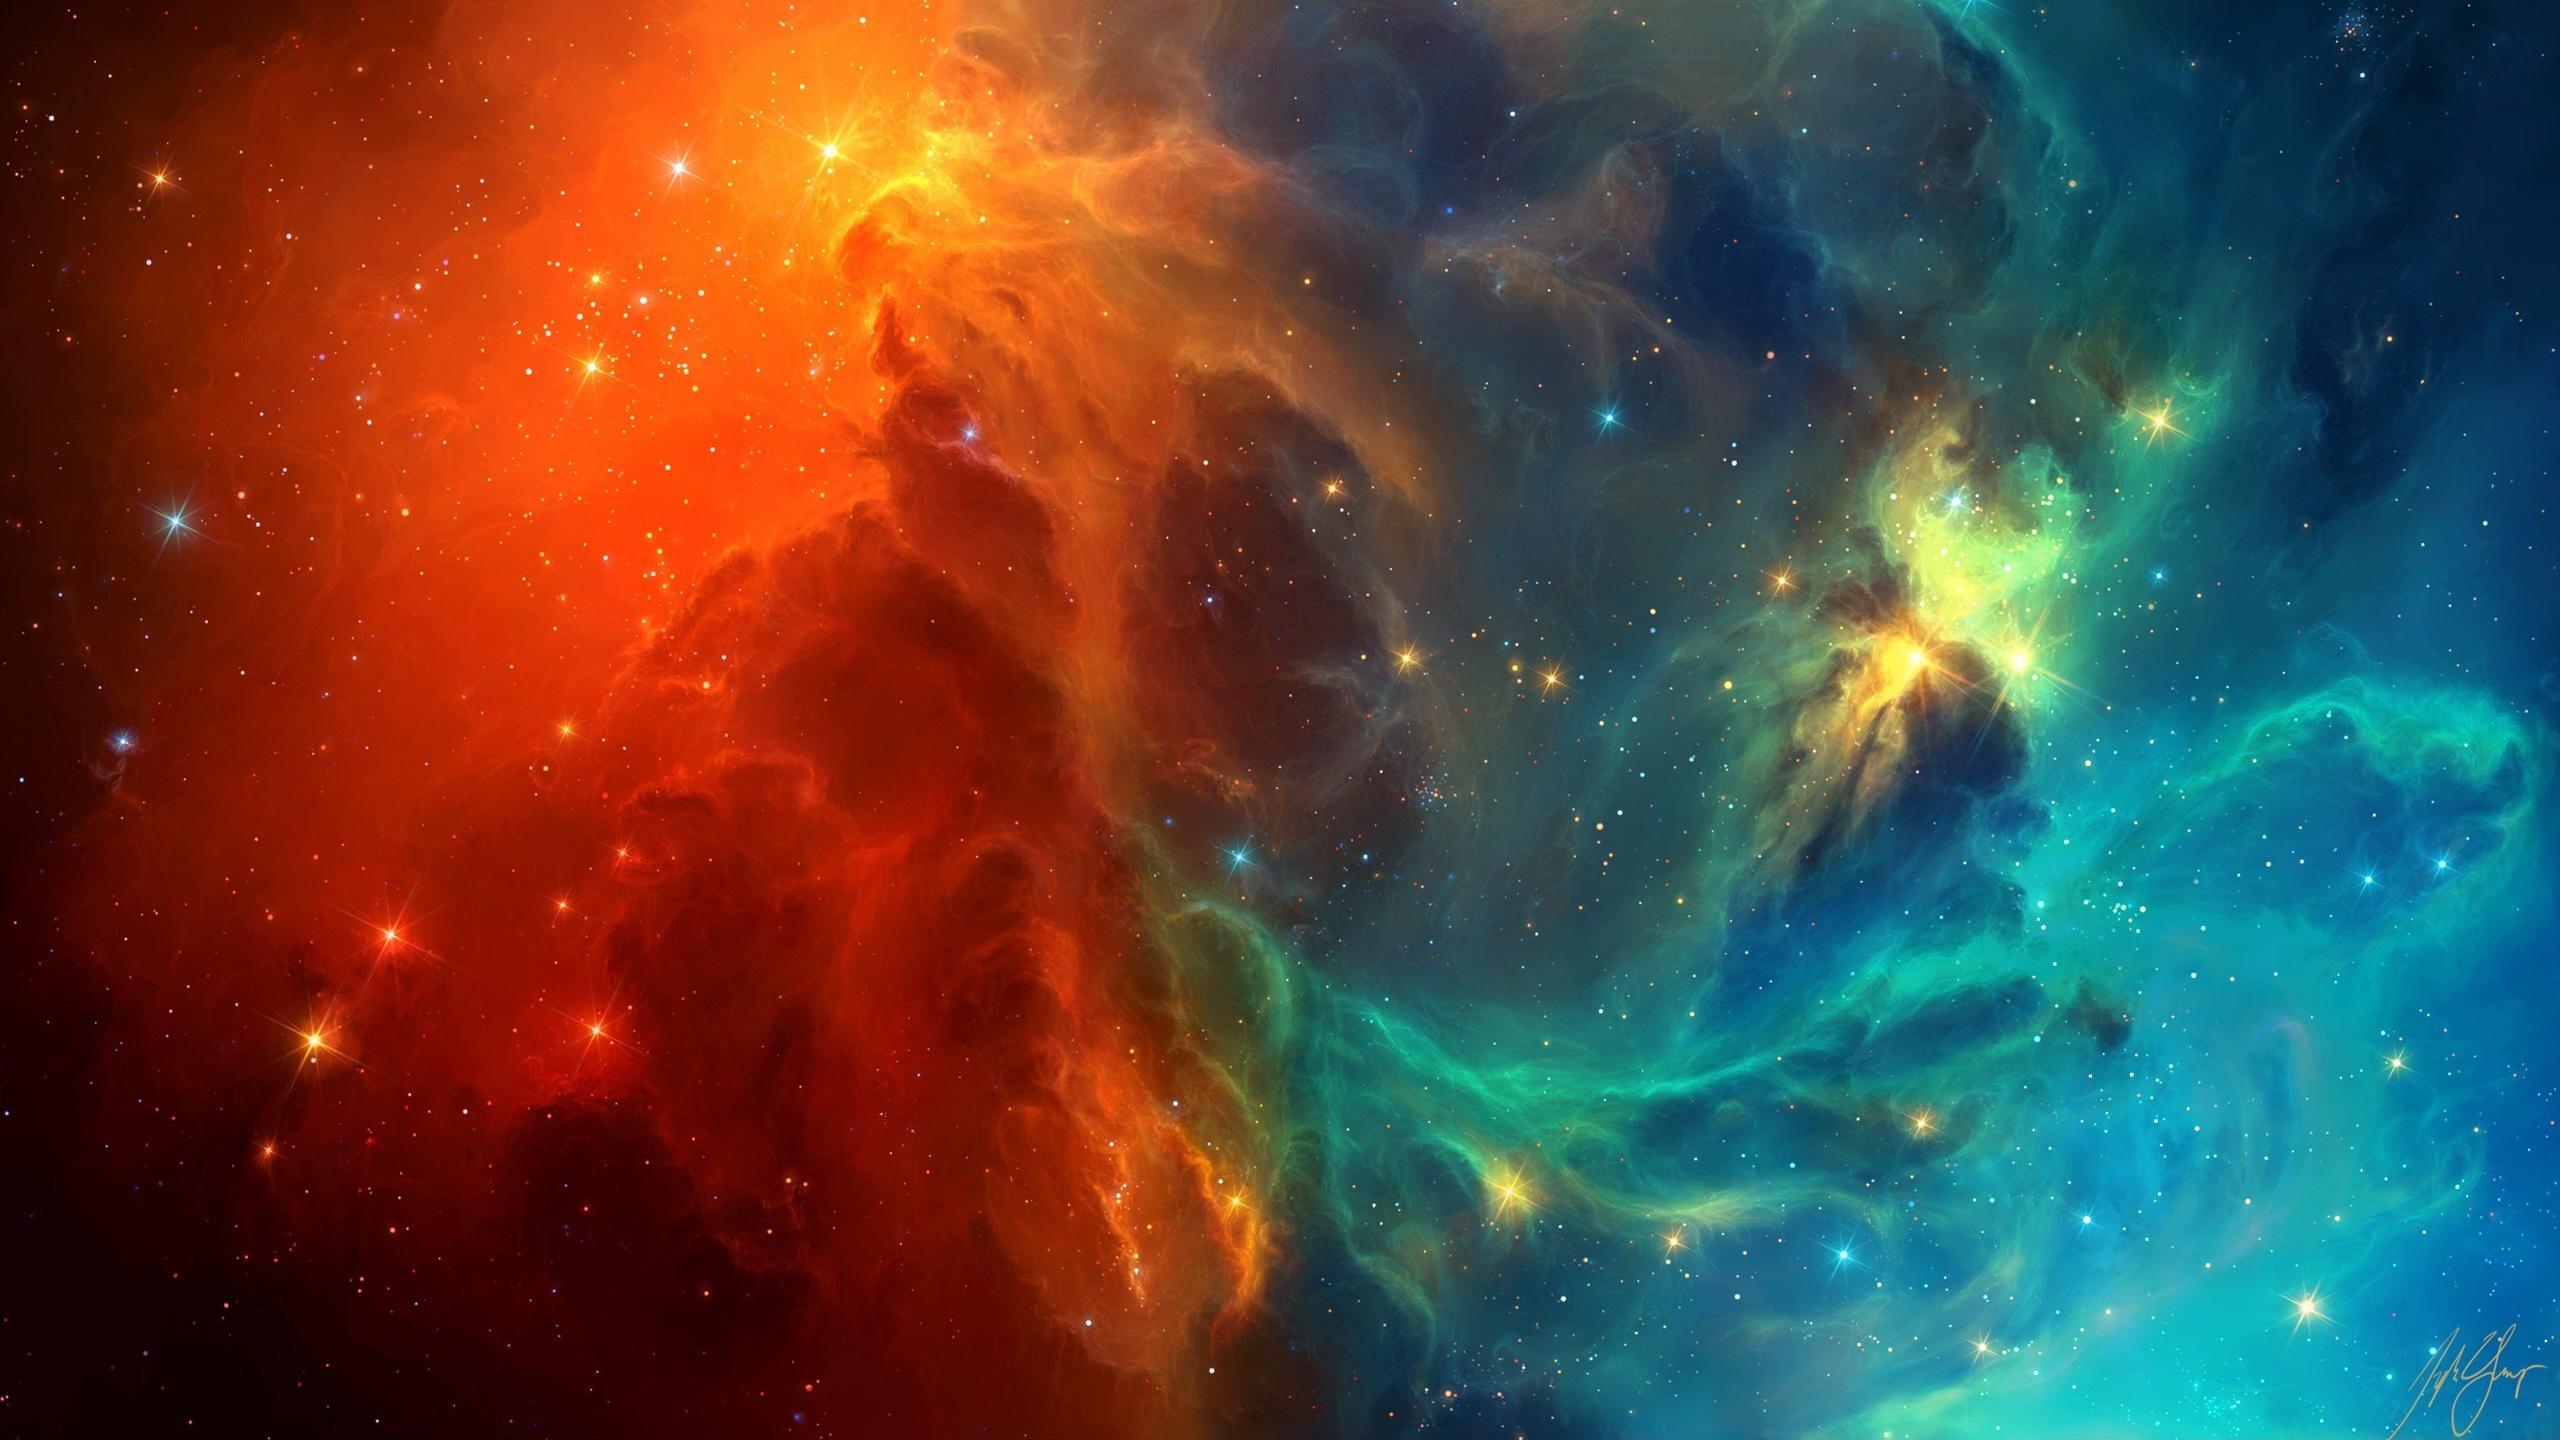 nebula 2560x1440 - photo #34